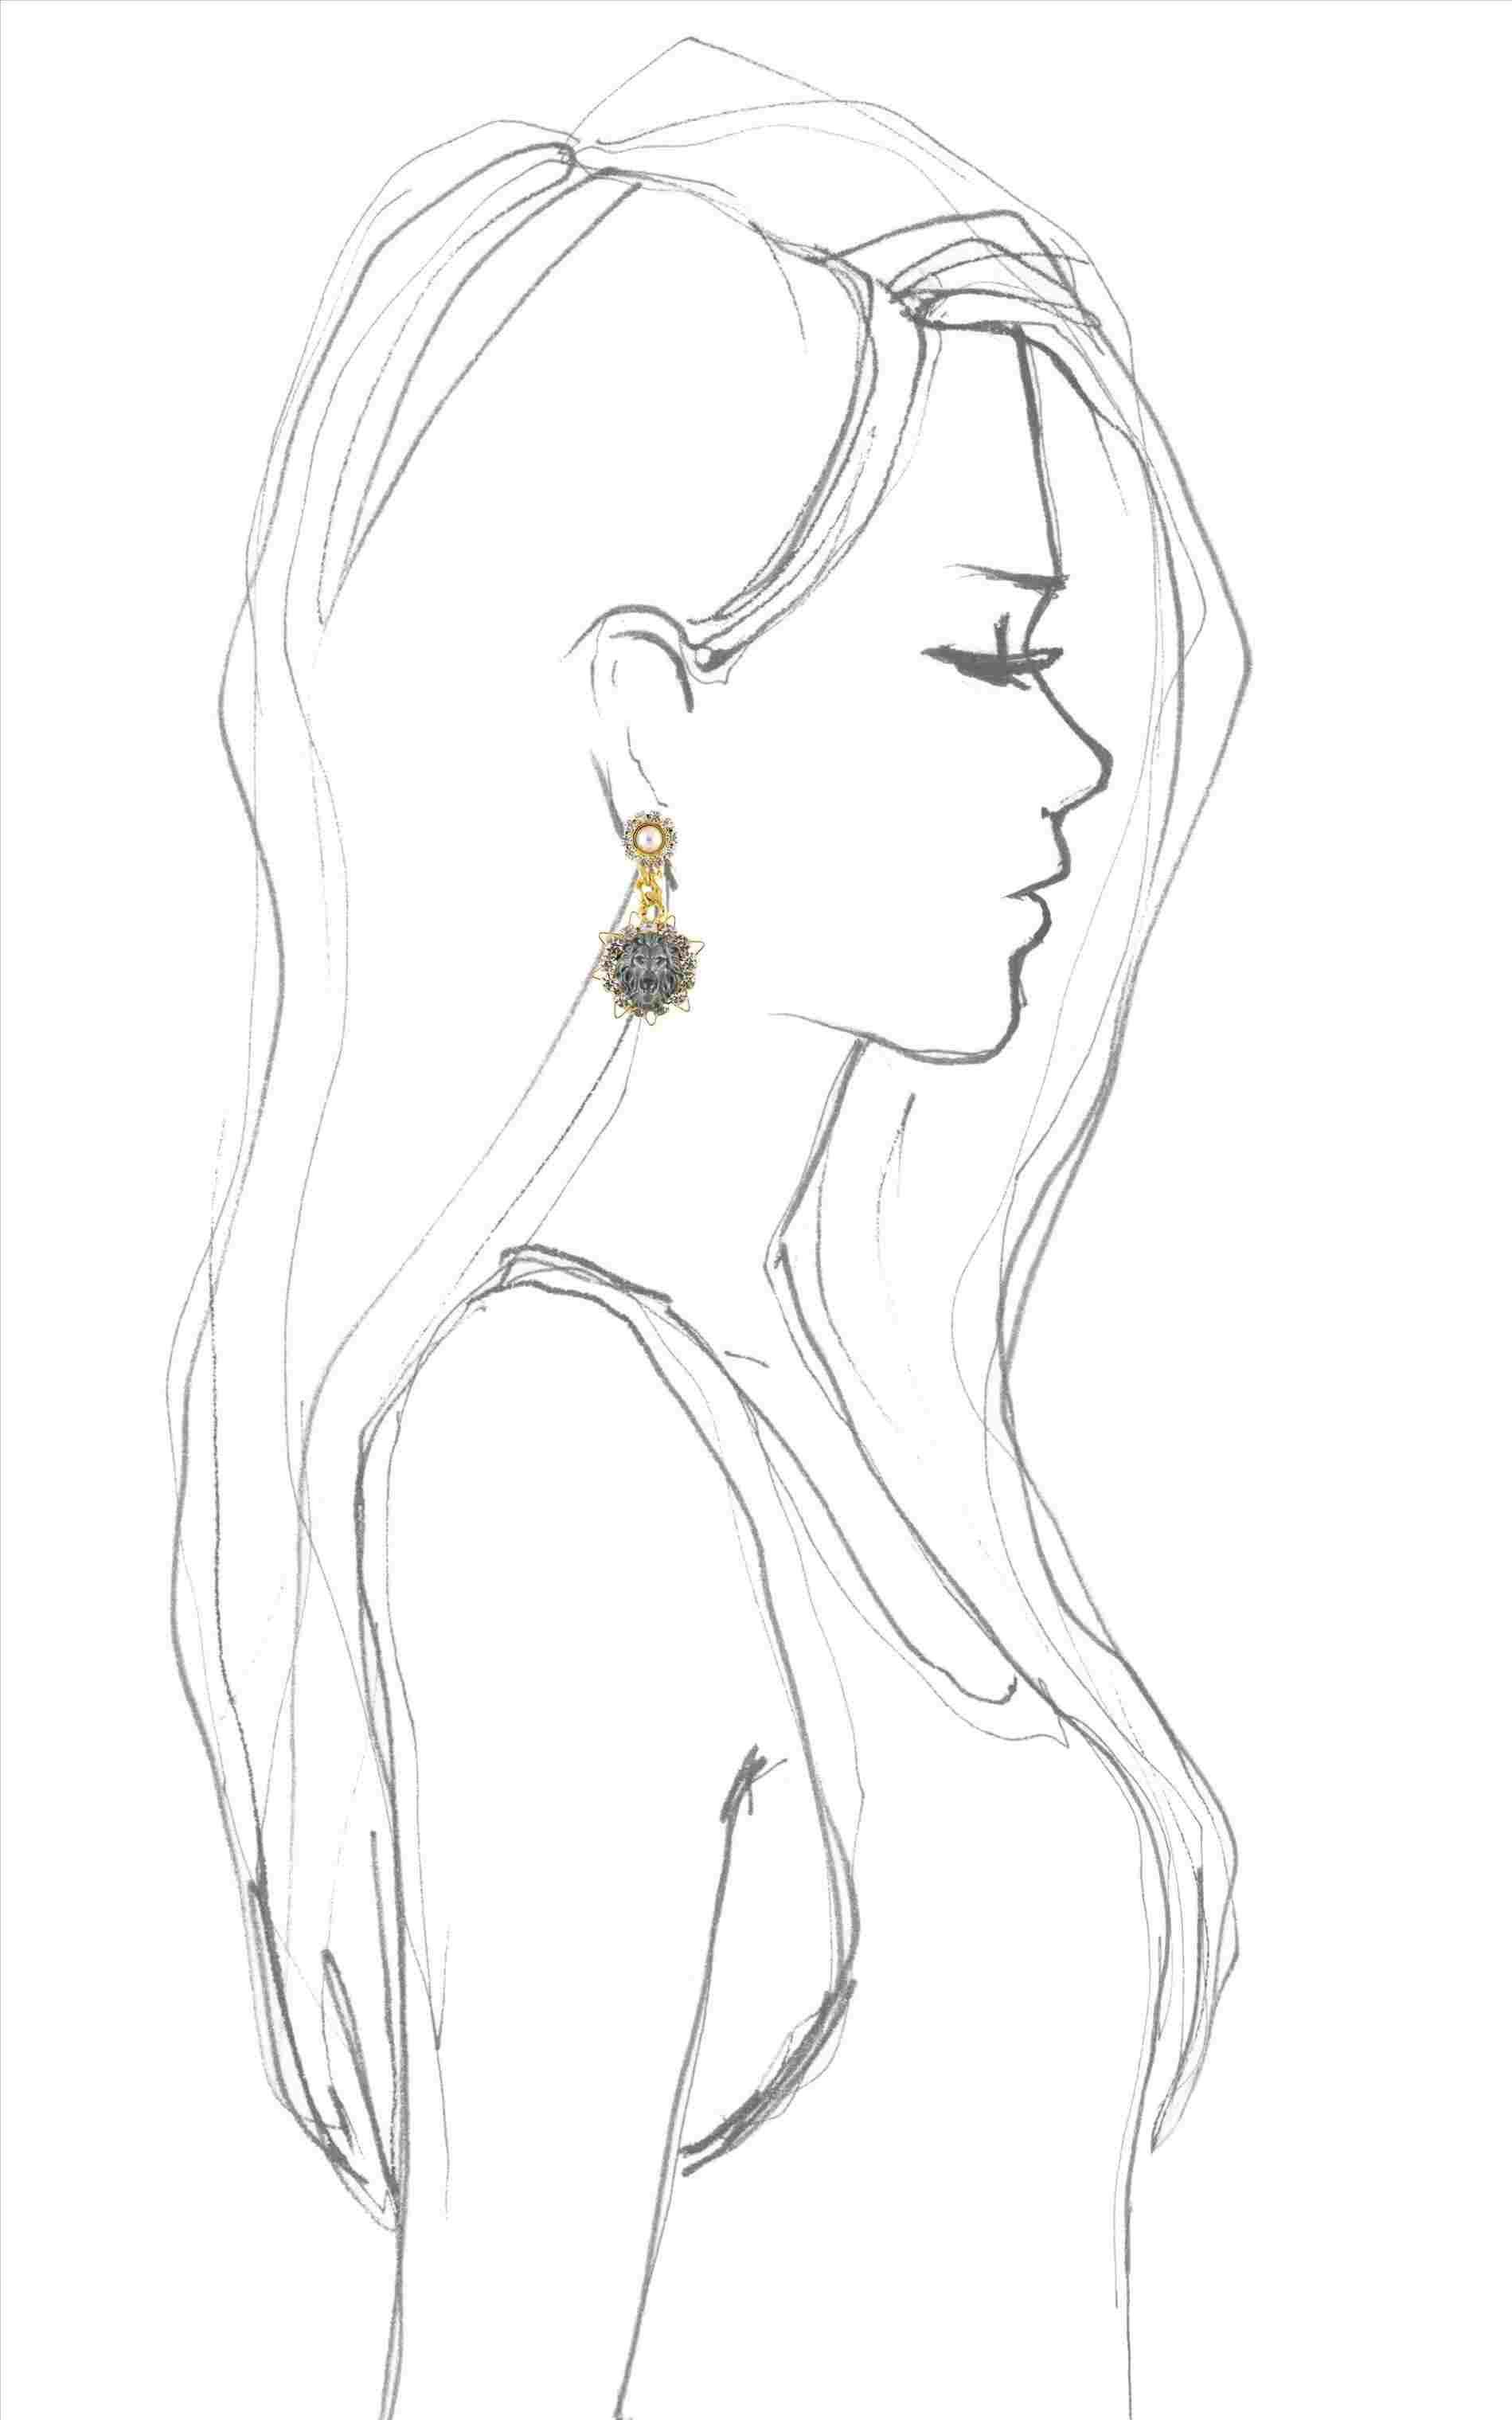 Anime Side View Sketch Gdlawct Com Desenho De Rosto Desenhando Esbocos Desenhos De Pessoas Tristes